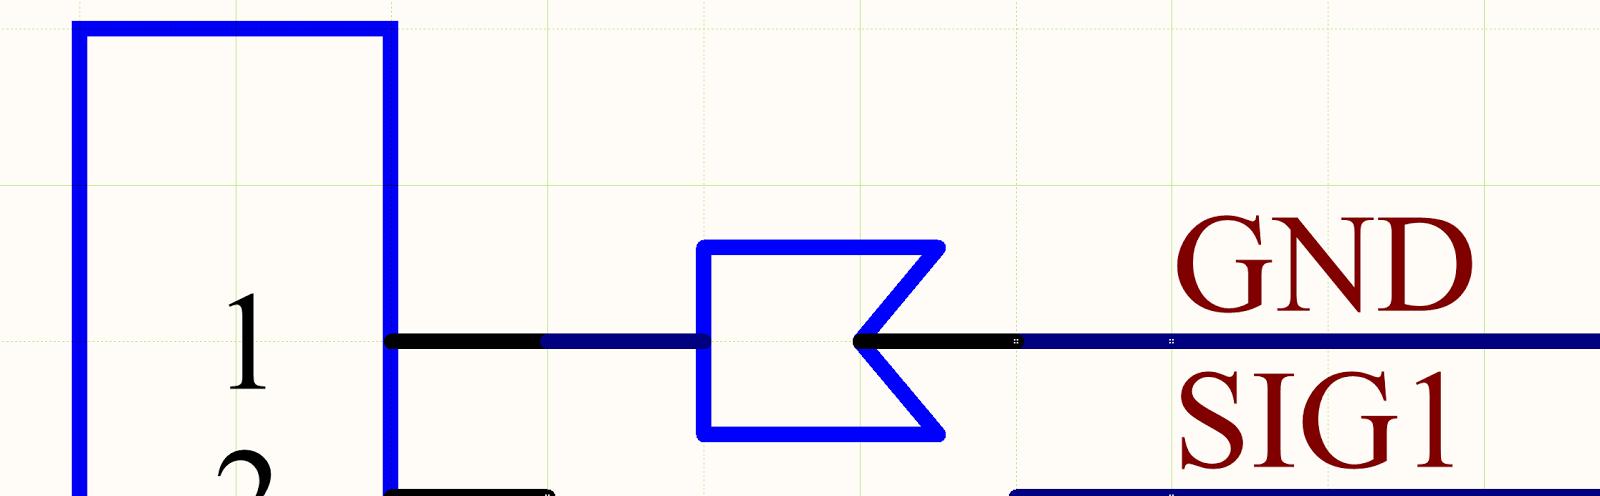 Cómo colocar un terminal de un cable crimpado en un diagrama de un esquema